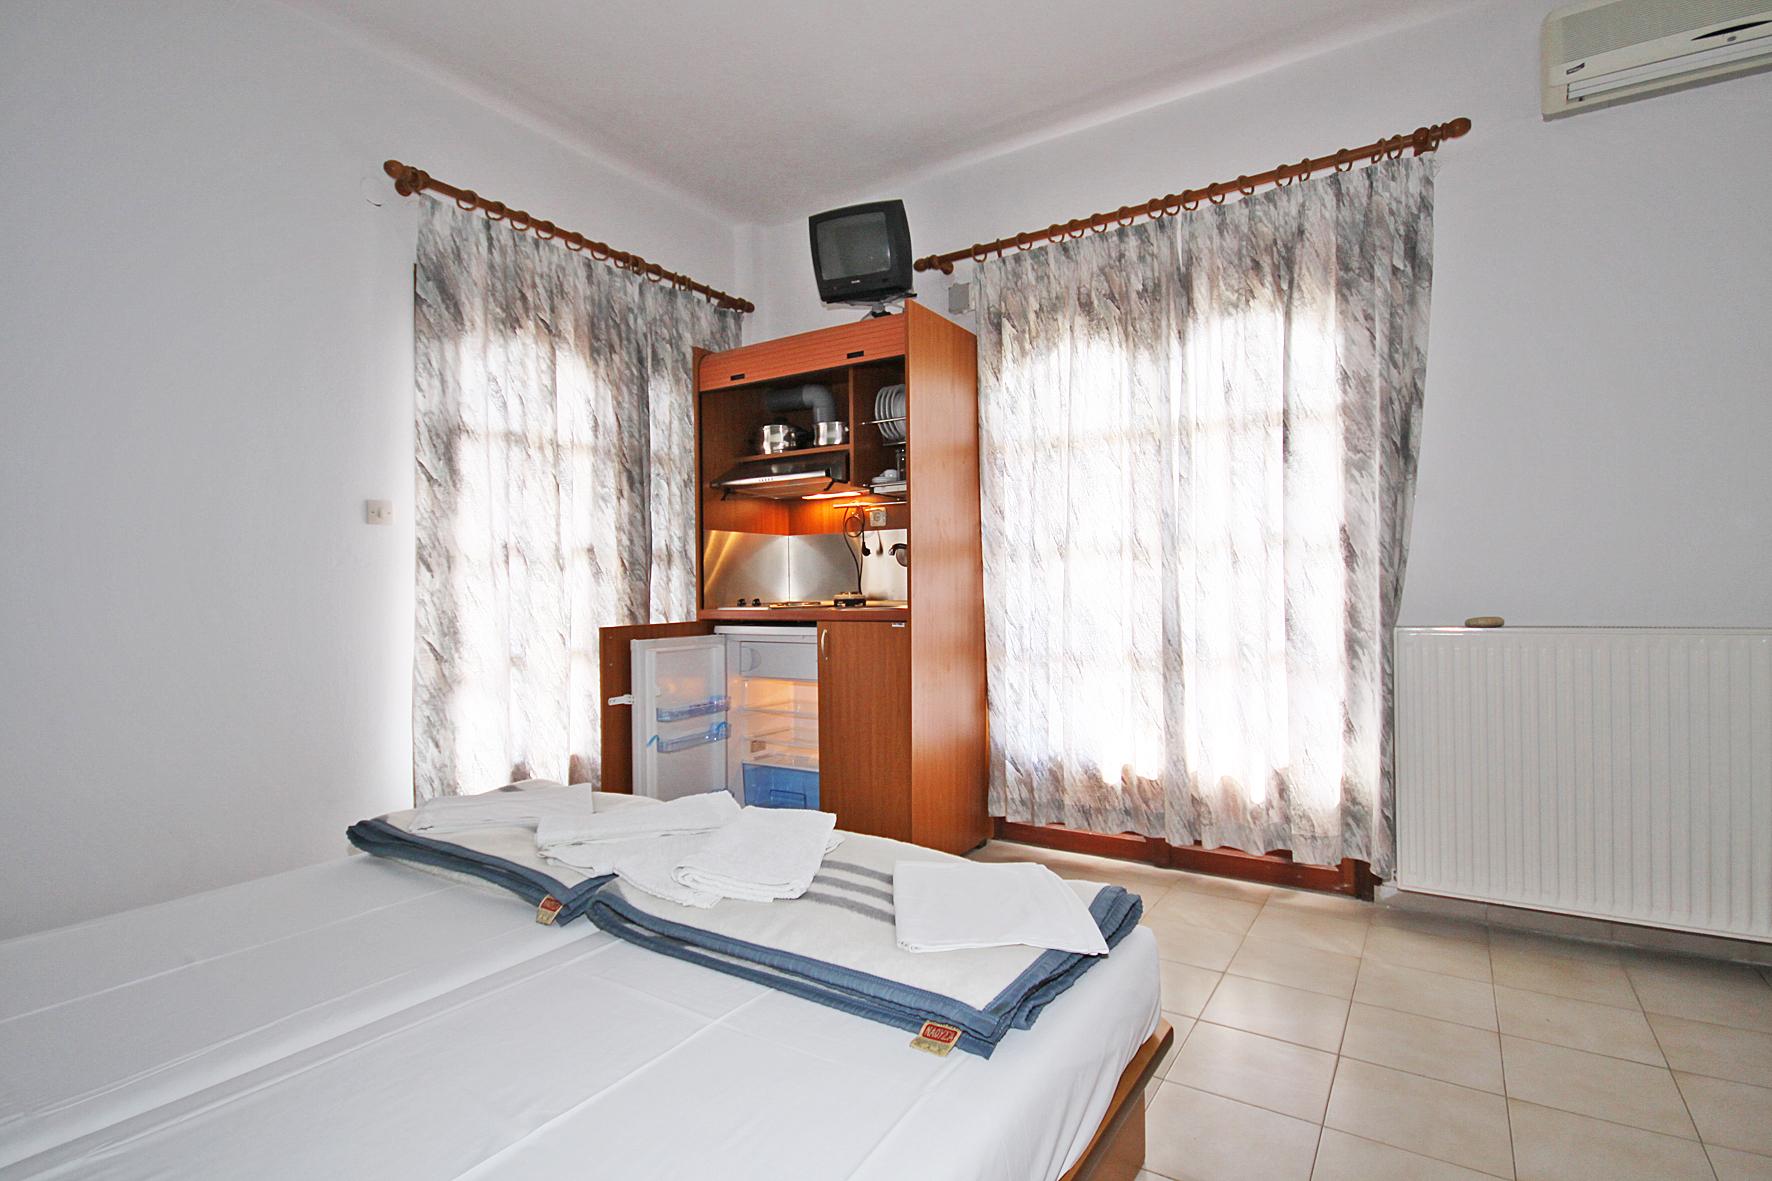 3beds-room3